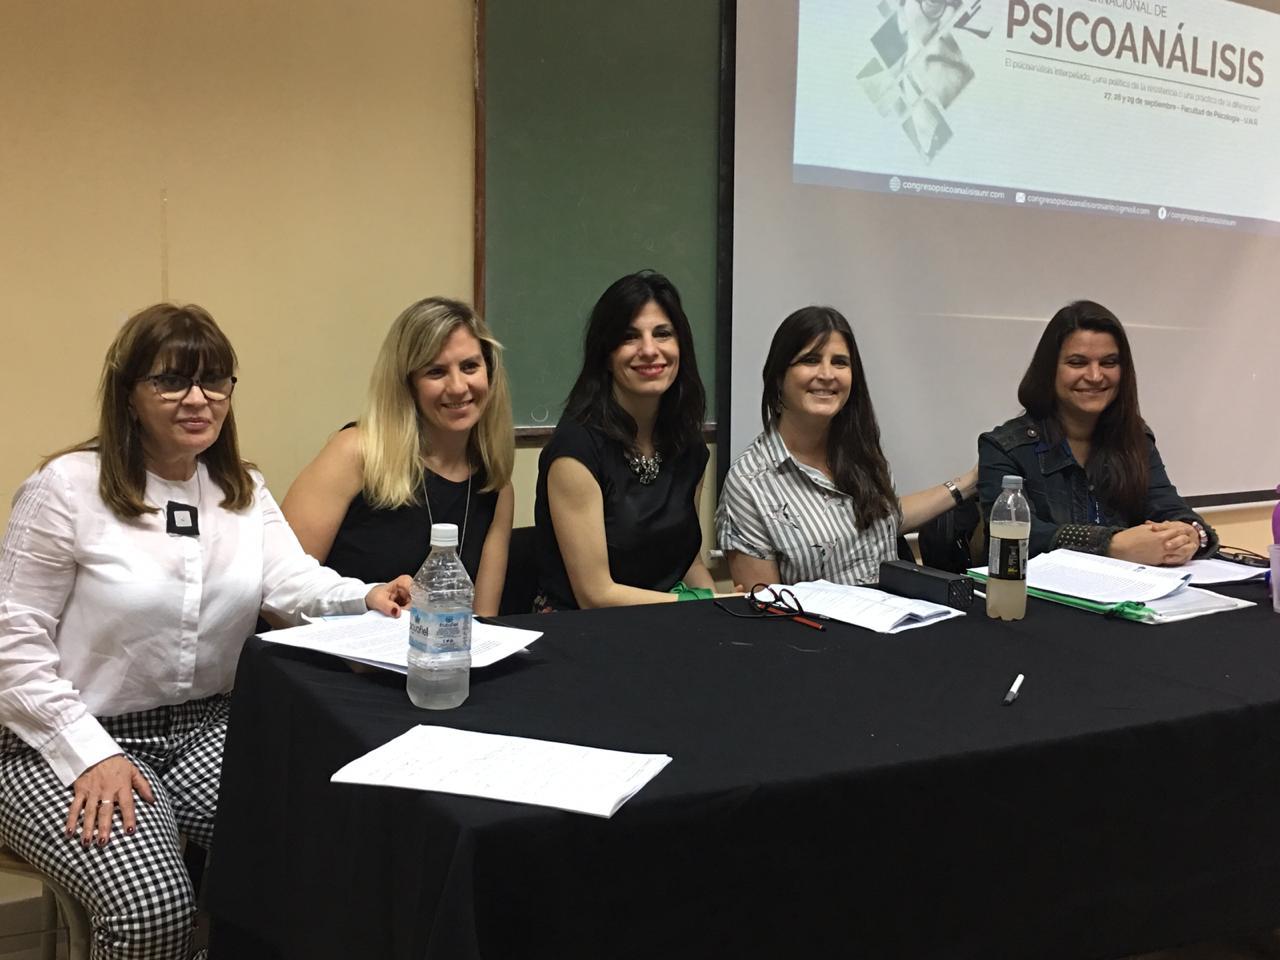 2do Congreso Internacional de Psicoanalisis de Rosario rodulfos Susana Lado y ponentes